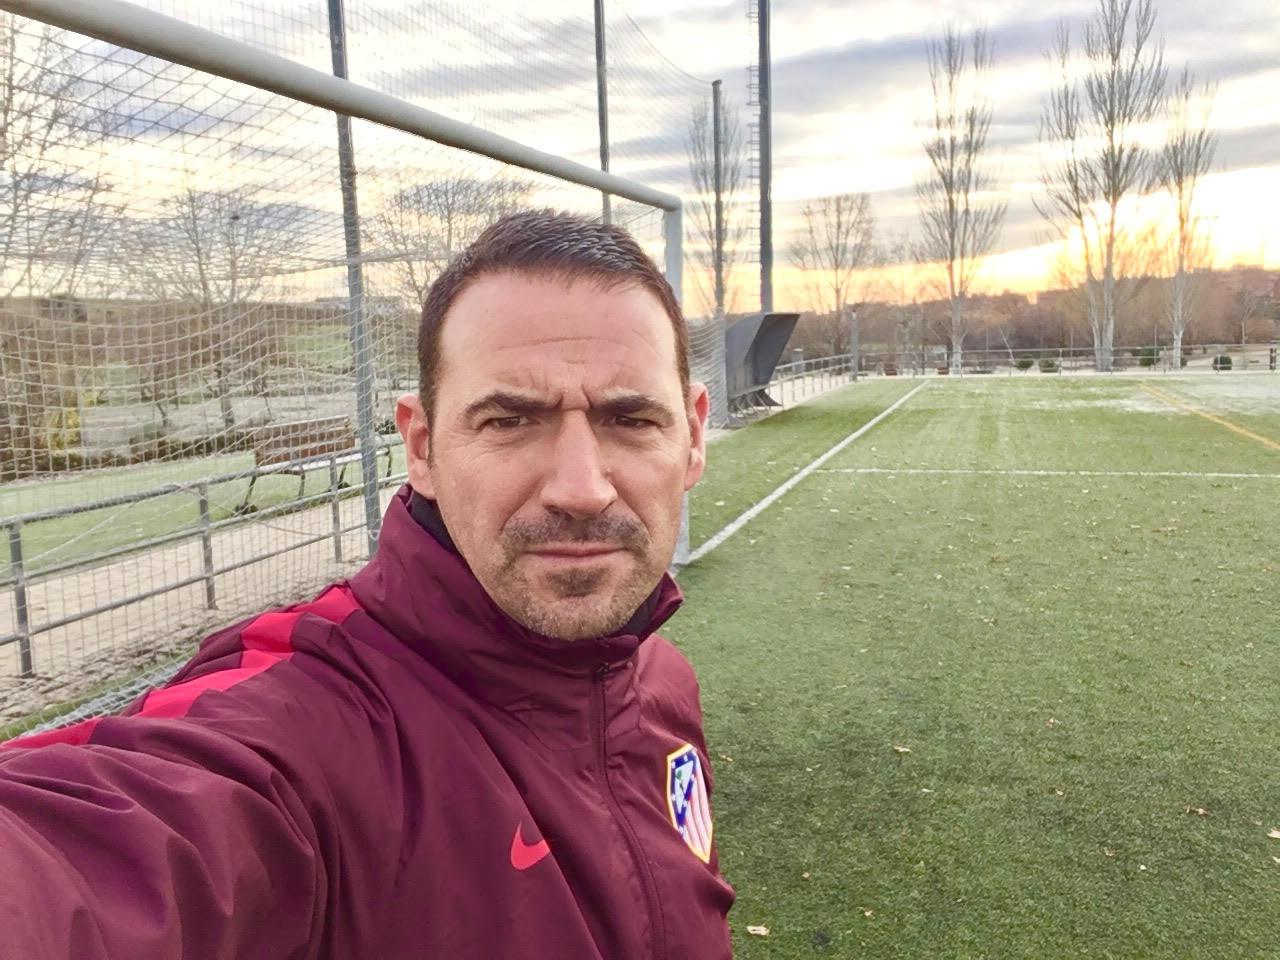 Alberto ruiz - Interview with Alberto Ruiz, coach of the Atlético de Madrid Cadets